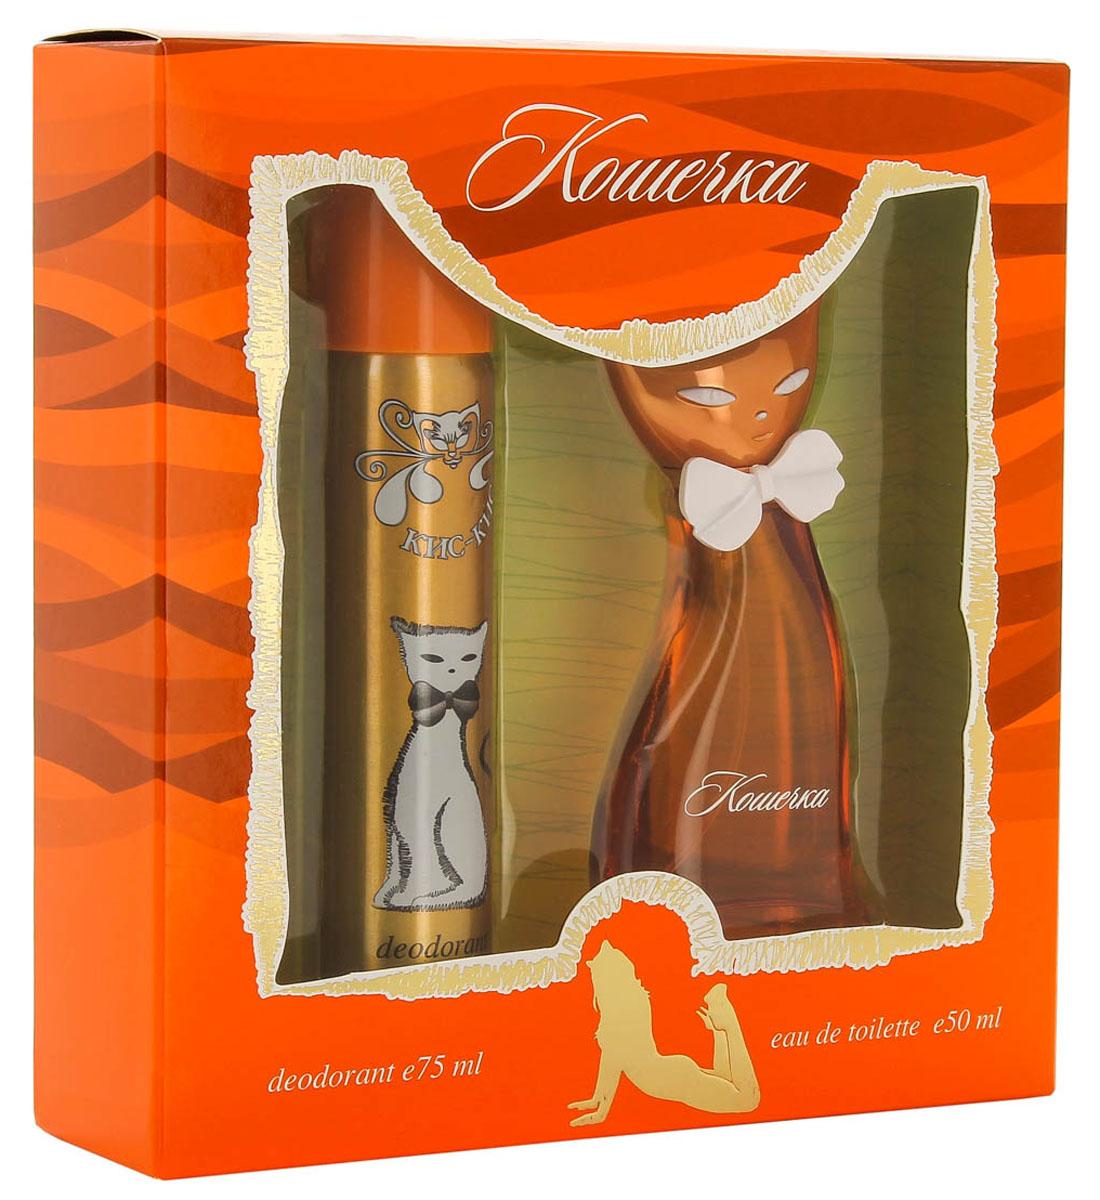 КПК-Парфюм Подарочный набор для женщин Кис-Кис Кошечка: Туалетная вода, 50 мл + Парфюмированный дезодорант, 75 мл28032022КИС-КИС КОШЕЧКА- это аромат для женщин. Верхние ноты: розовый перец, киви и ревень; ноты сердца: жасмин, цикламен и арбуз; ноты базы: мускус, сандал и лимонное дерево.